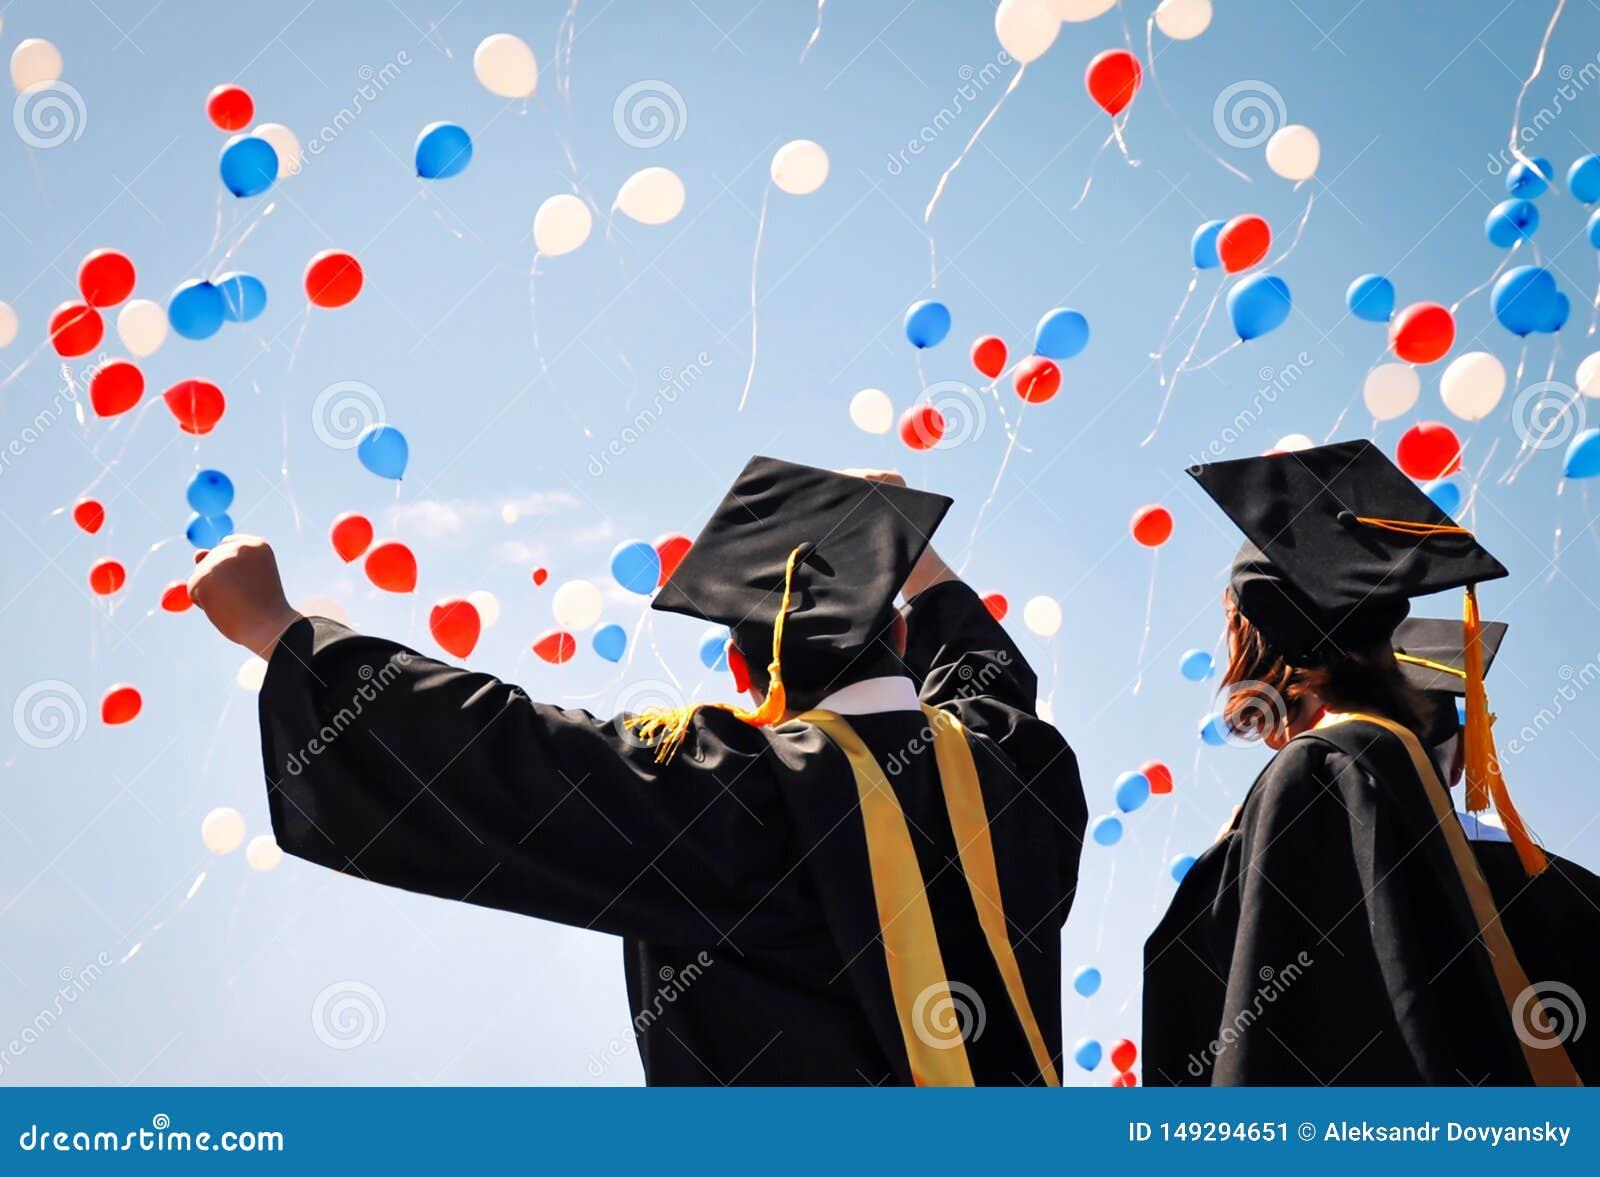 Universitetkandidater i svarta ?mbetsdr?kter jublar, lyfter deras h?nder upp mot himlen och ballongerna